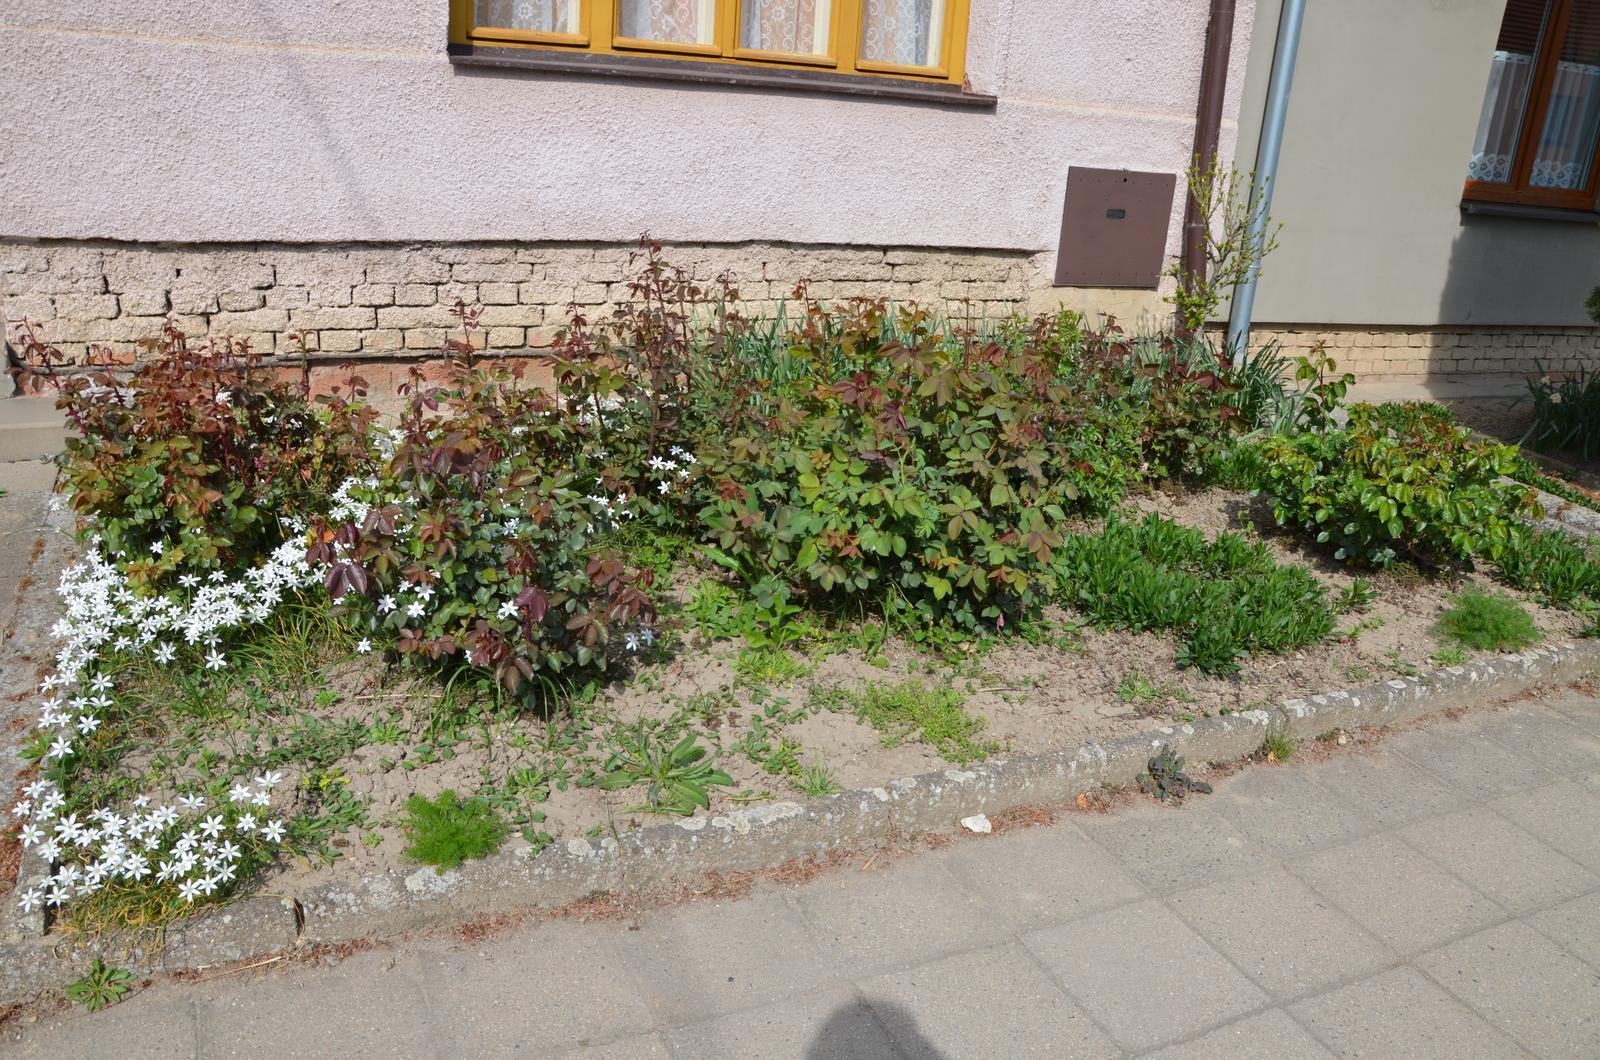 Vysněná zahrada... - předzahrádka....úplně vzadu narcisy a tulipány, vpravo ibišek, uprostřed růže a nějaké okrasné kytičky, suché nebyly nic moc, ale prý kvetou hezky :-D chtěla bych taky trochu změnit....dopředu bych chtěla levanduli